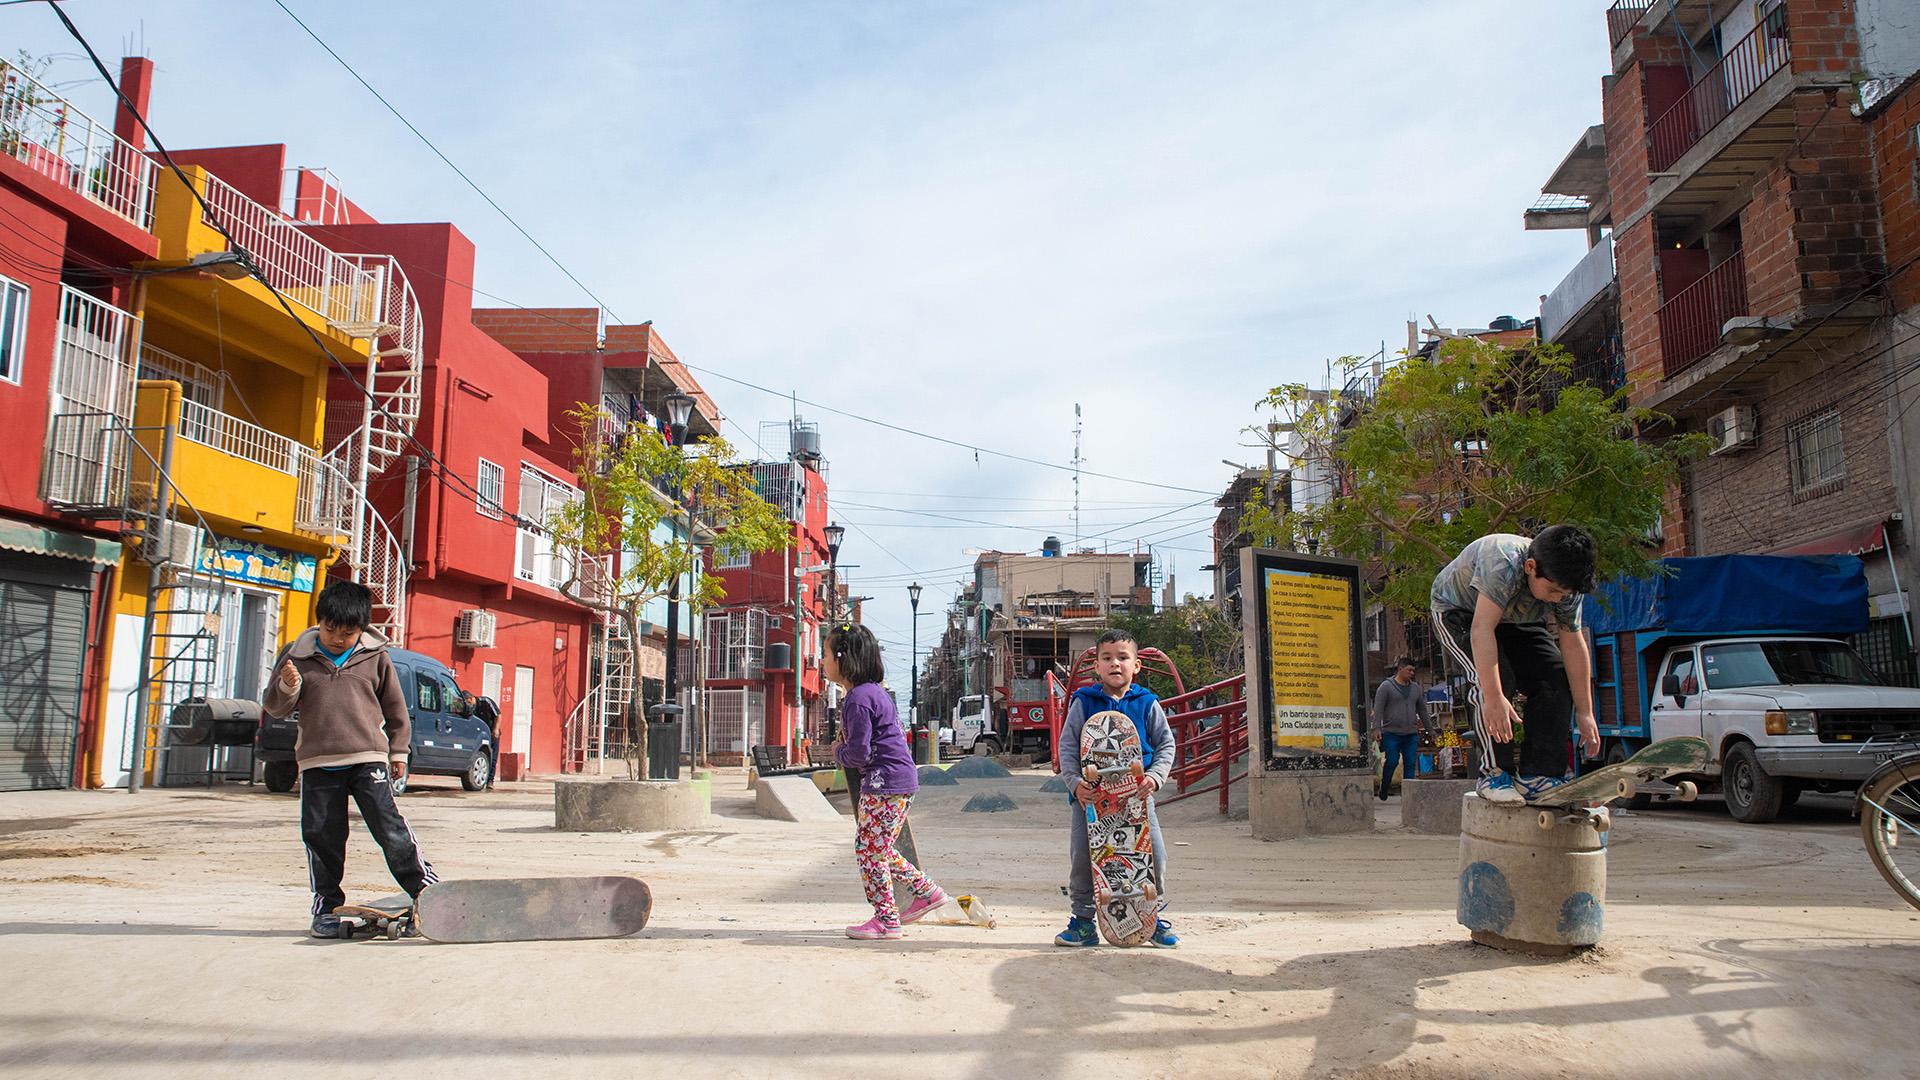 Además de la práctica deportiva, los profesores trabajan ensumar talleres de arte urbano, fotografía y cine, y de construcción de rampas, barandas y obstáculos para andar en skate